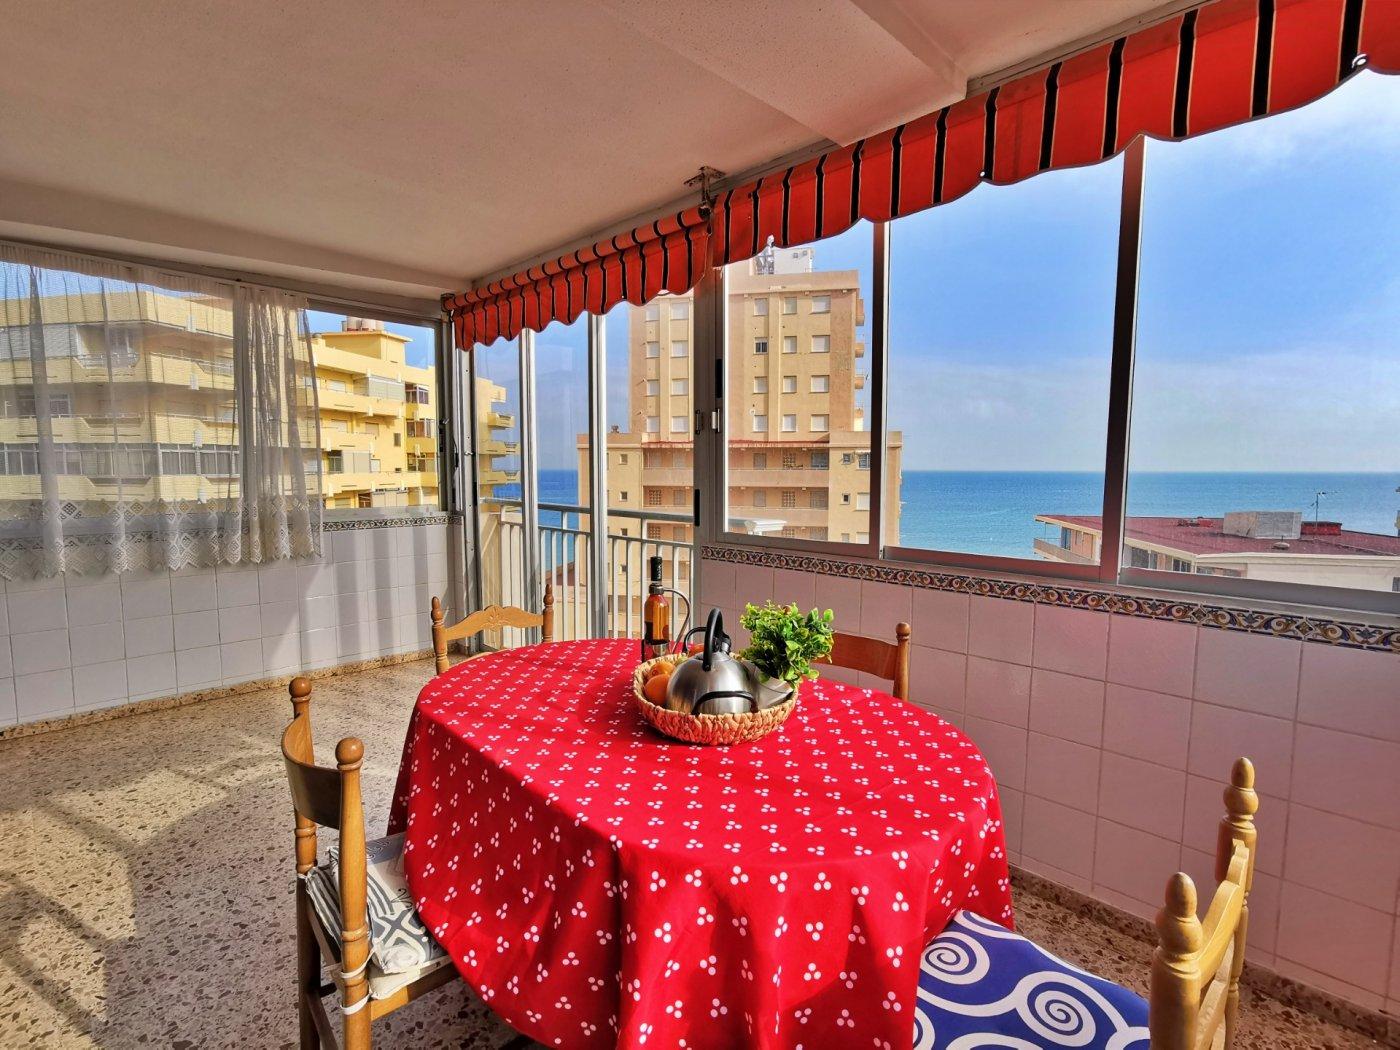 apartamento en tavernes-de-la-valldigna · lago-azul 79000€